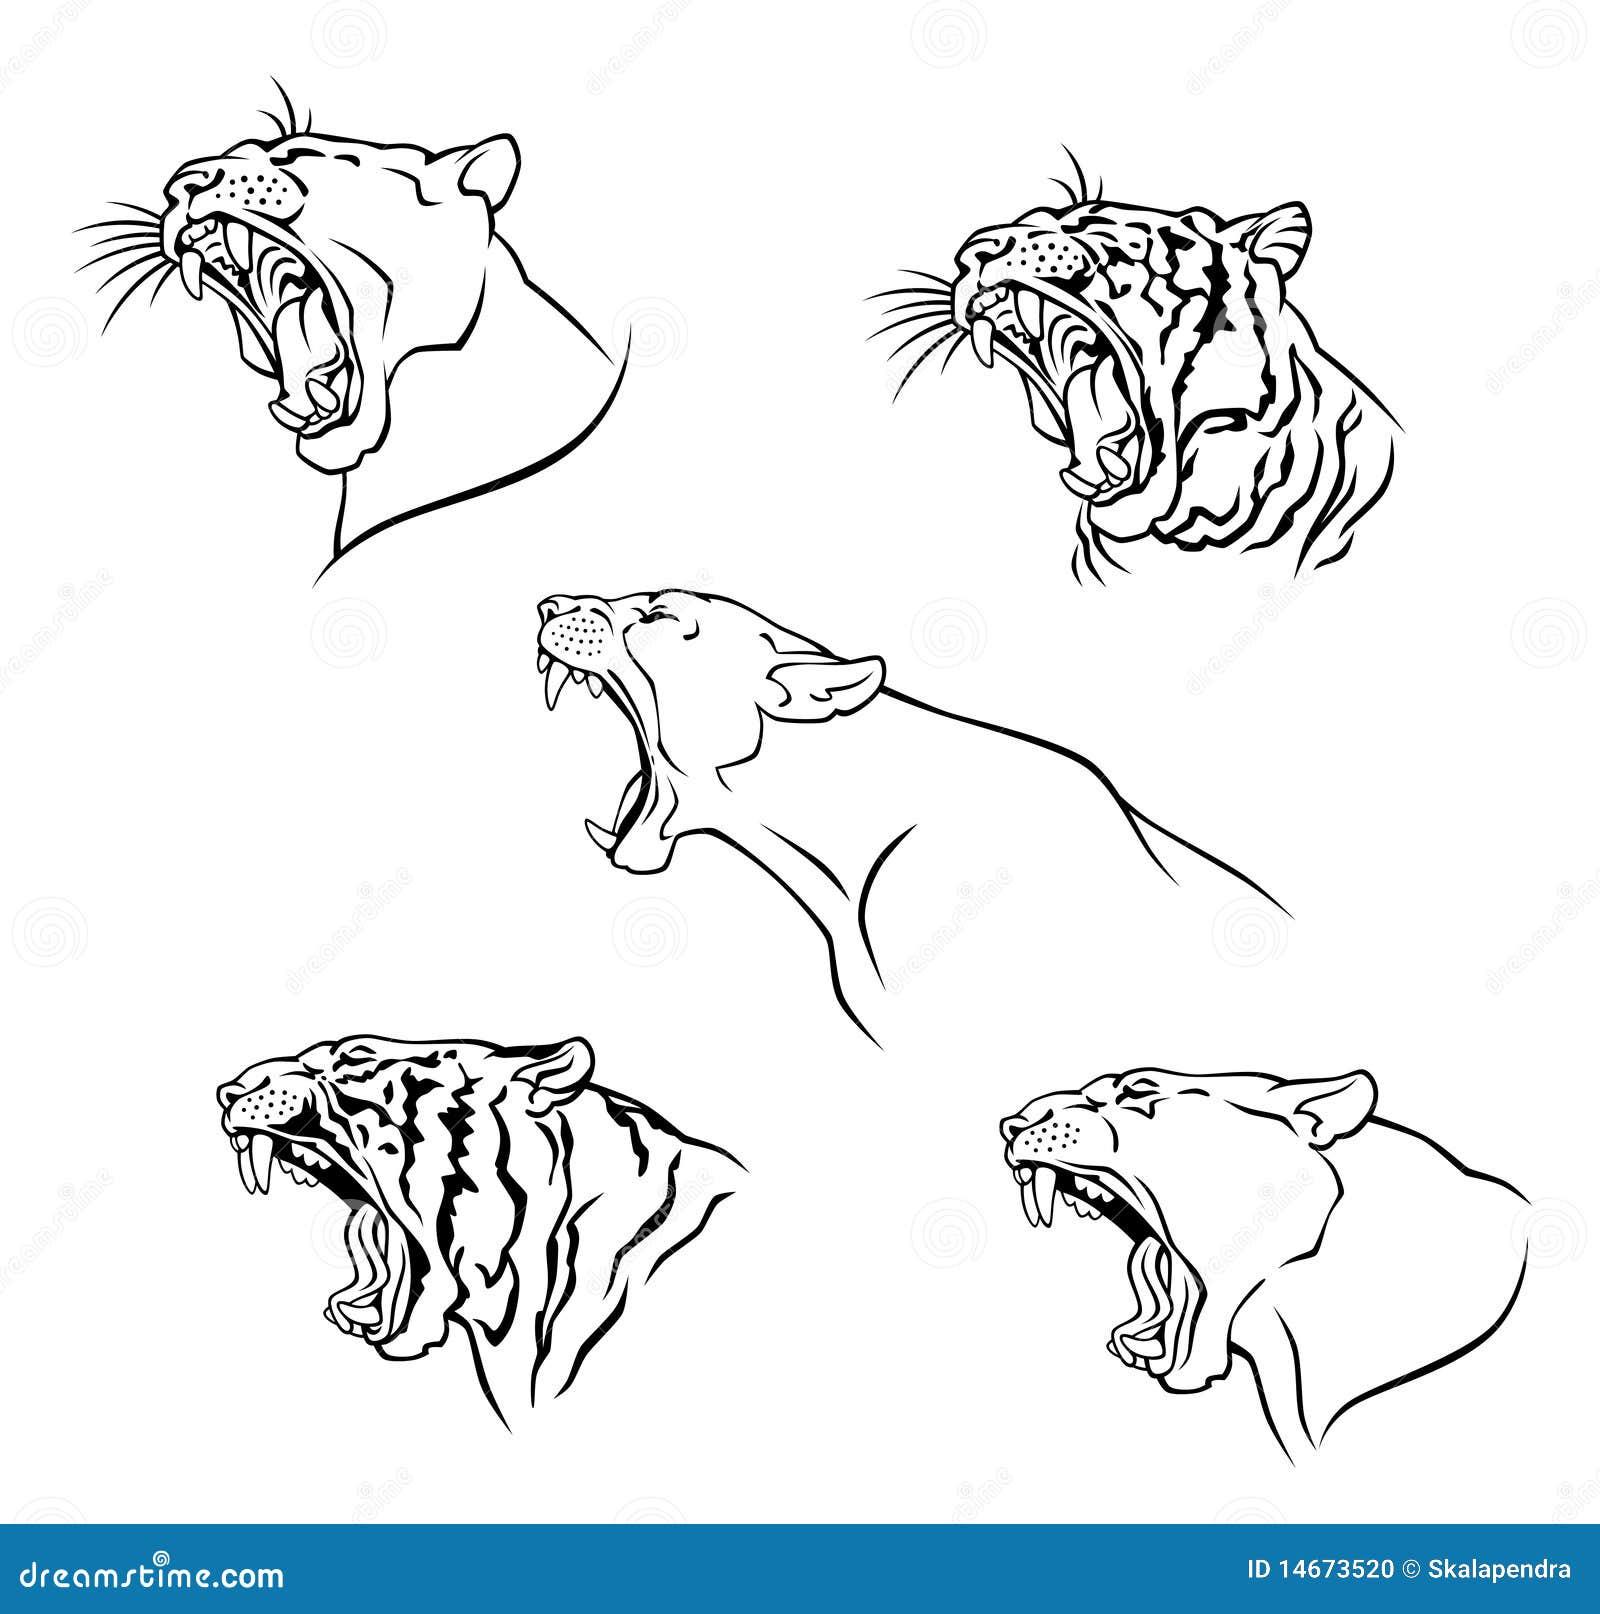 Рисунки звериных оскалов